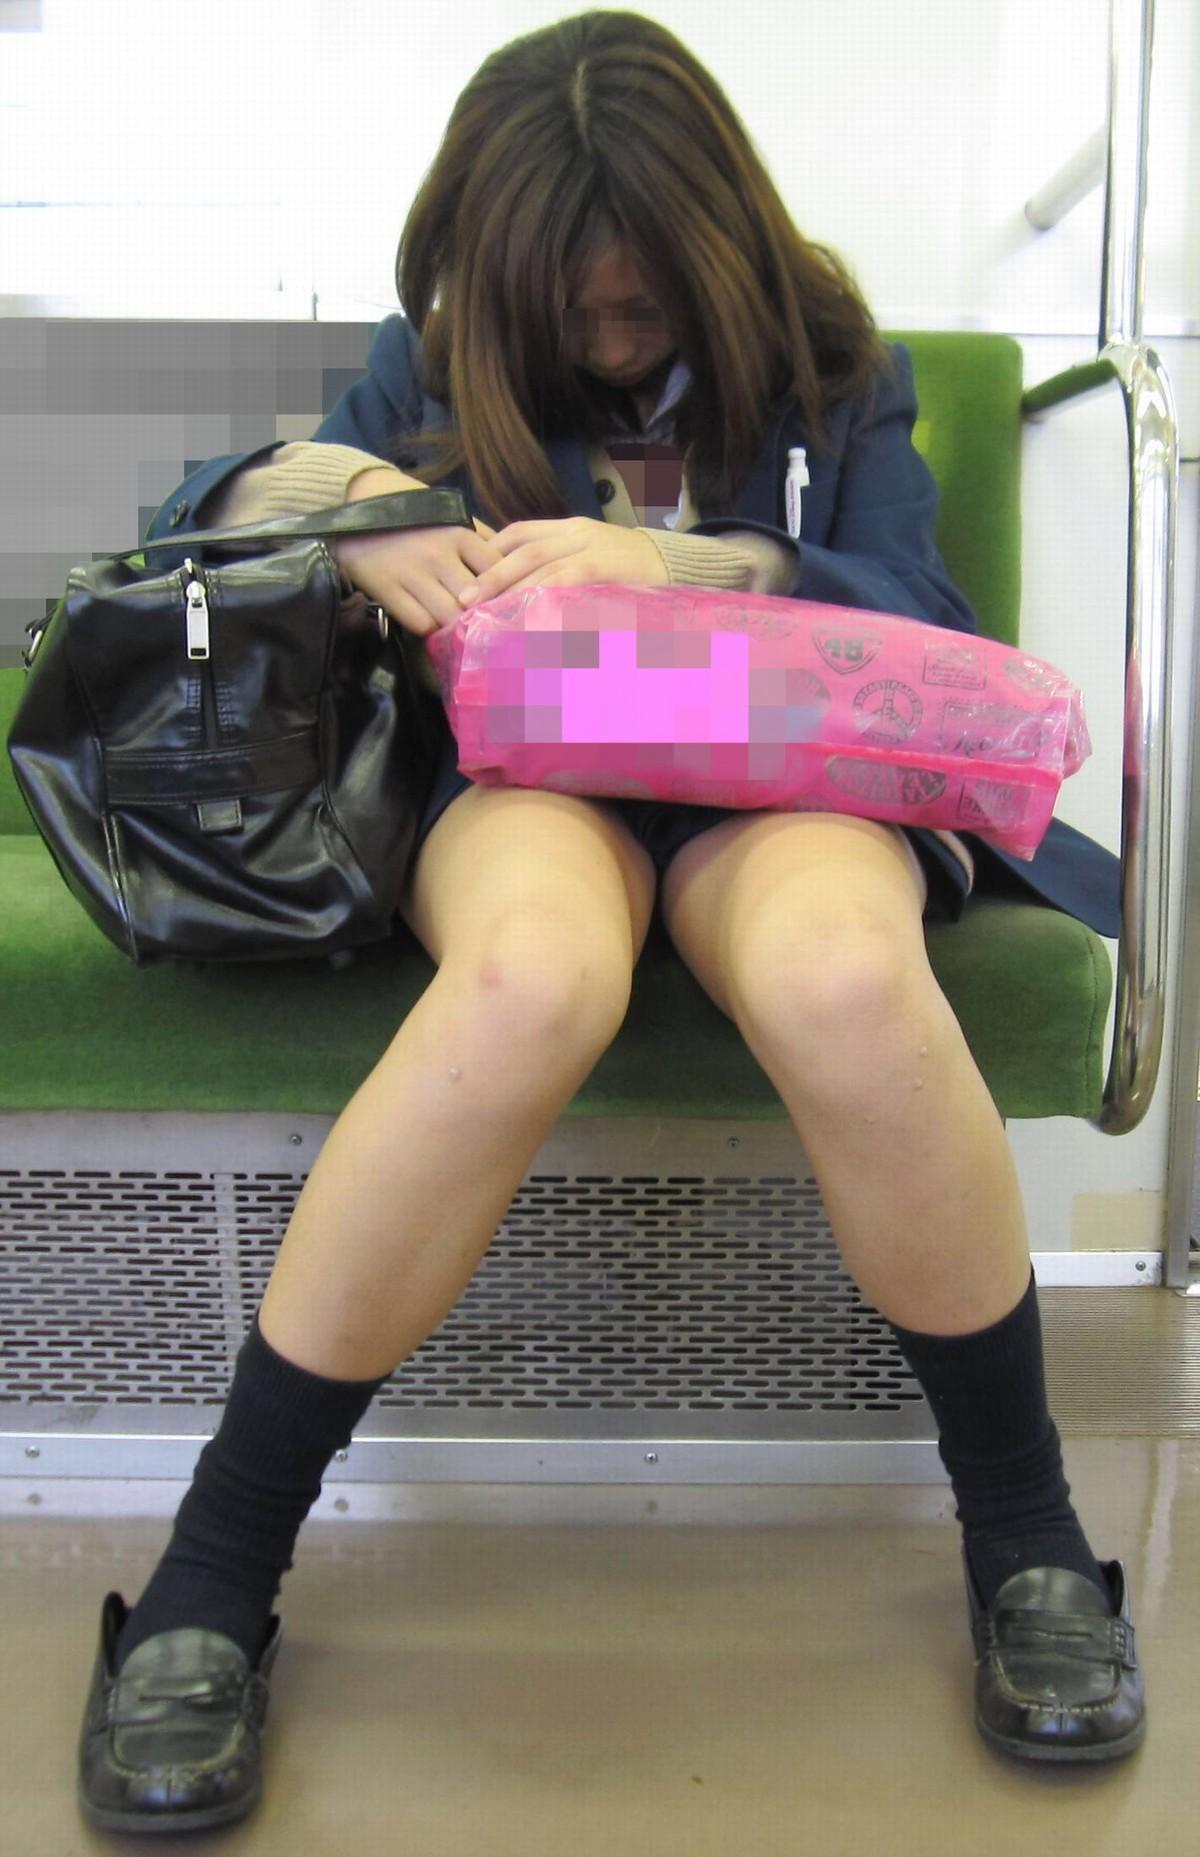 【電車内盗撮エロ画像】まる見え過ぎてドン引き…電車で対面に座ってる女の子が痴女じゃないかと疑うwwww その6